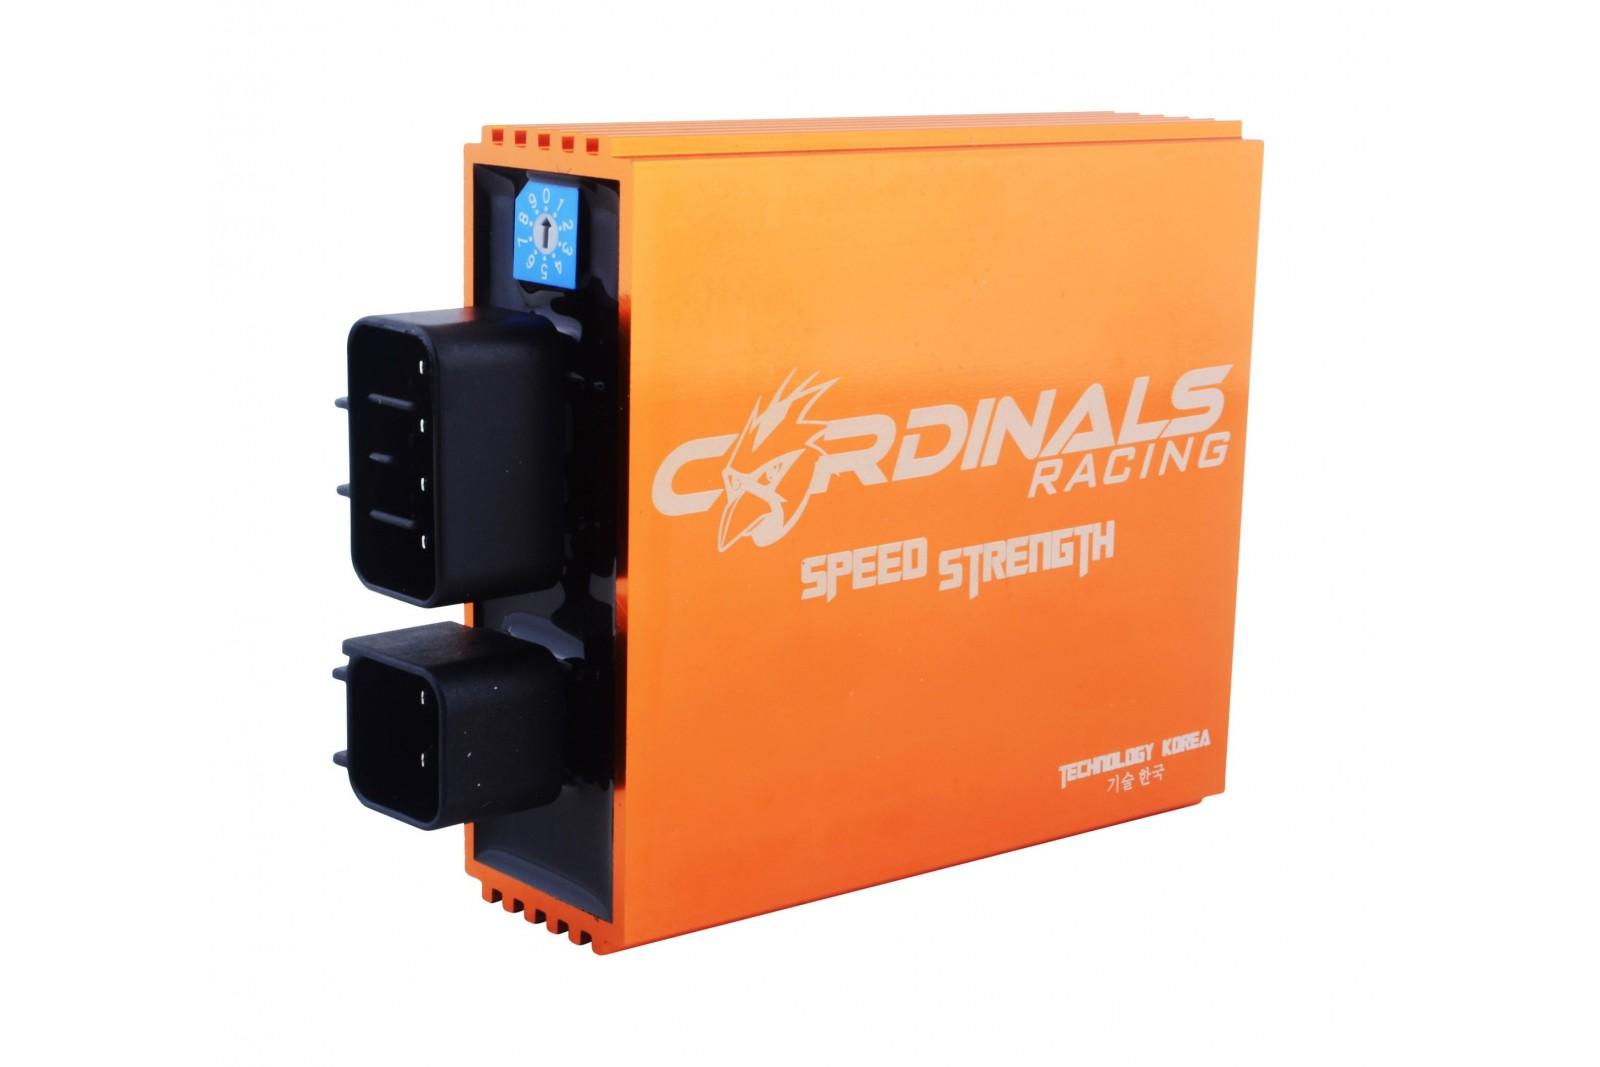 Cardinals Racing Adjustable Performance CDi - Yamaha LC135/Jupiter  MX/Crypton X/Spark/Exciter/sniper/T135 (5-speed manual)